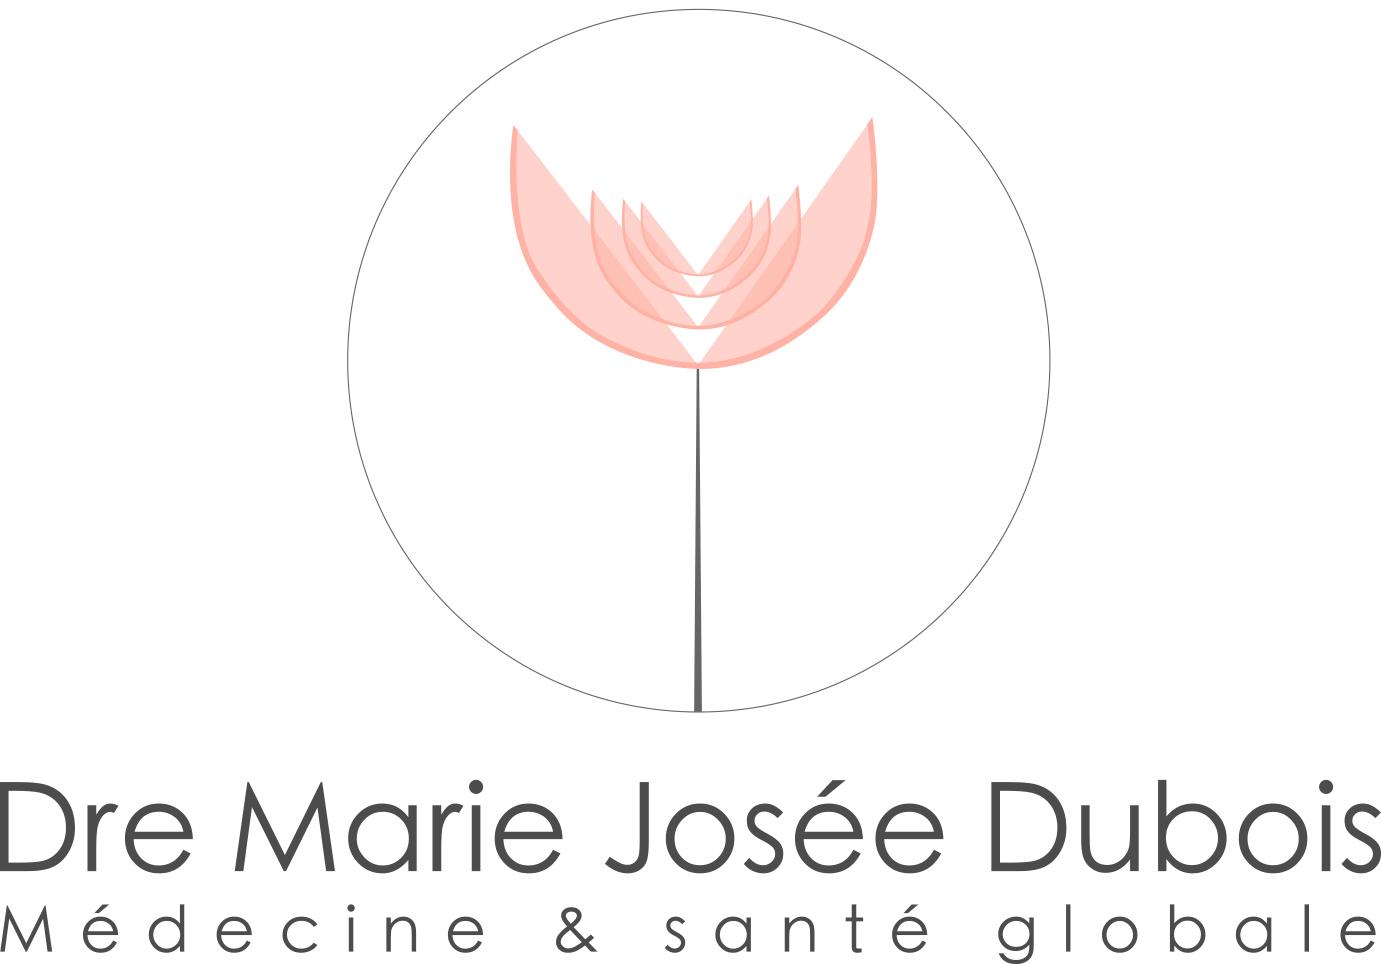 Dre Marie Josée Dubois - Médecine & santé globale